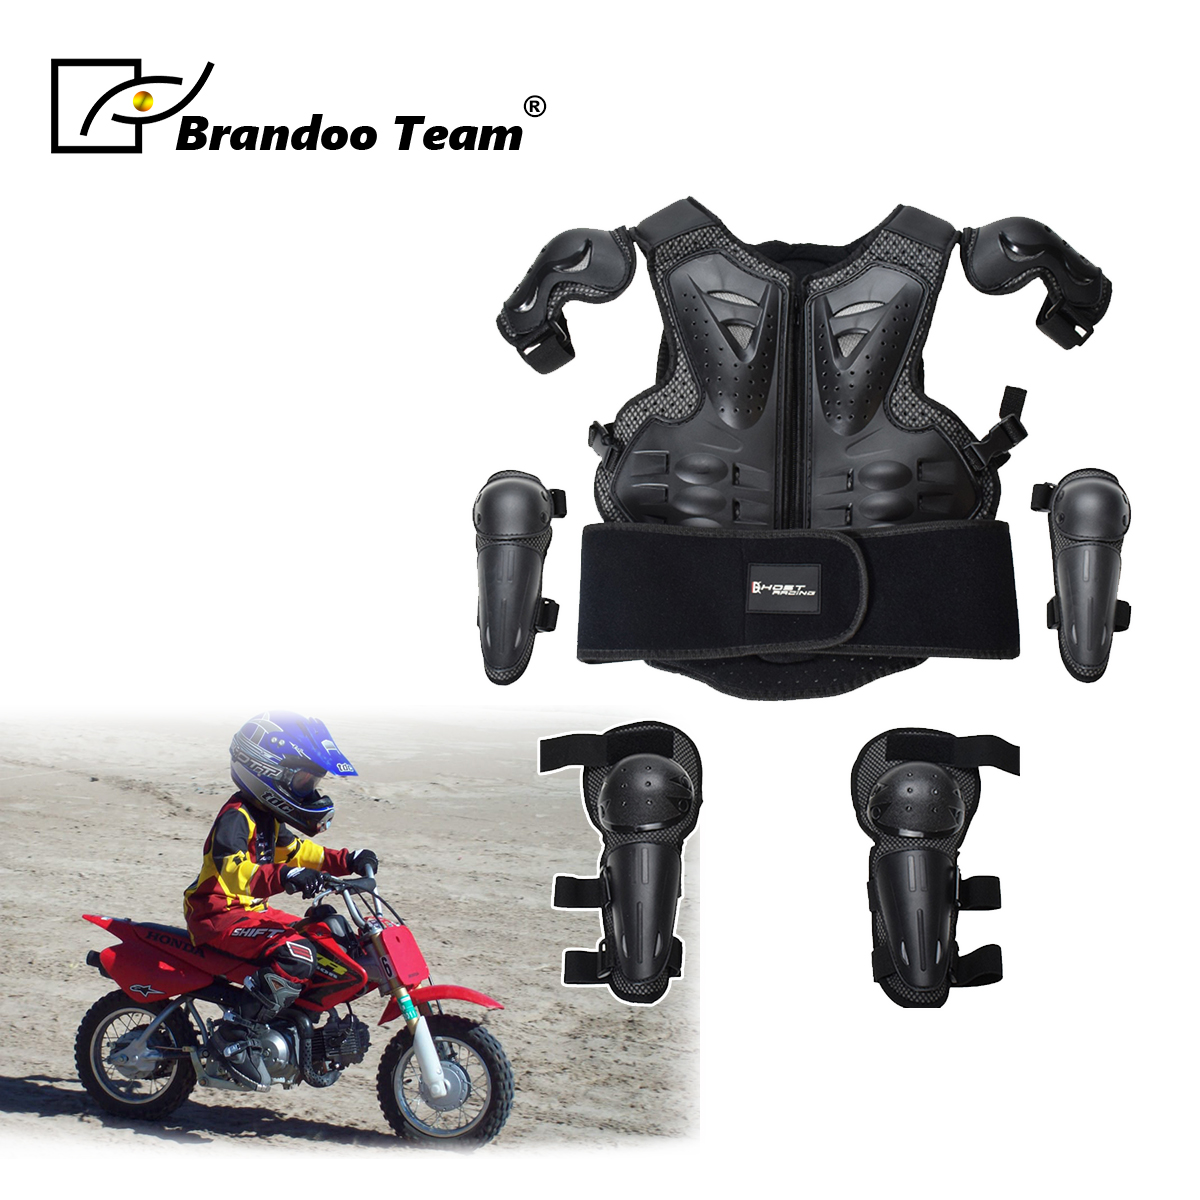 Kinder Full Body Protector Weste Rüstung Kinder Motocross Rüstung Jacke Brust Wirbelsäule Schutz Getriebe ellenbogen schulter Knie schutz